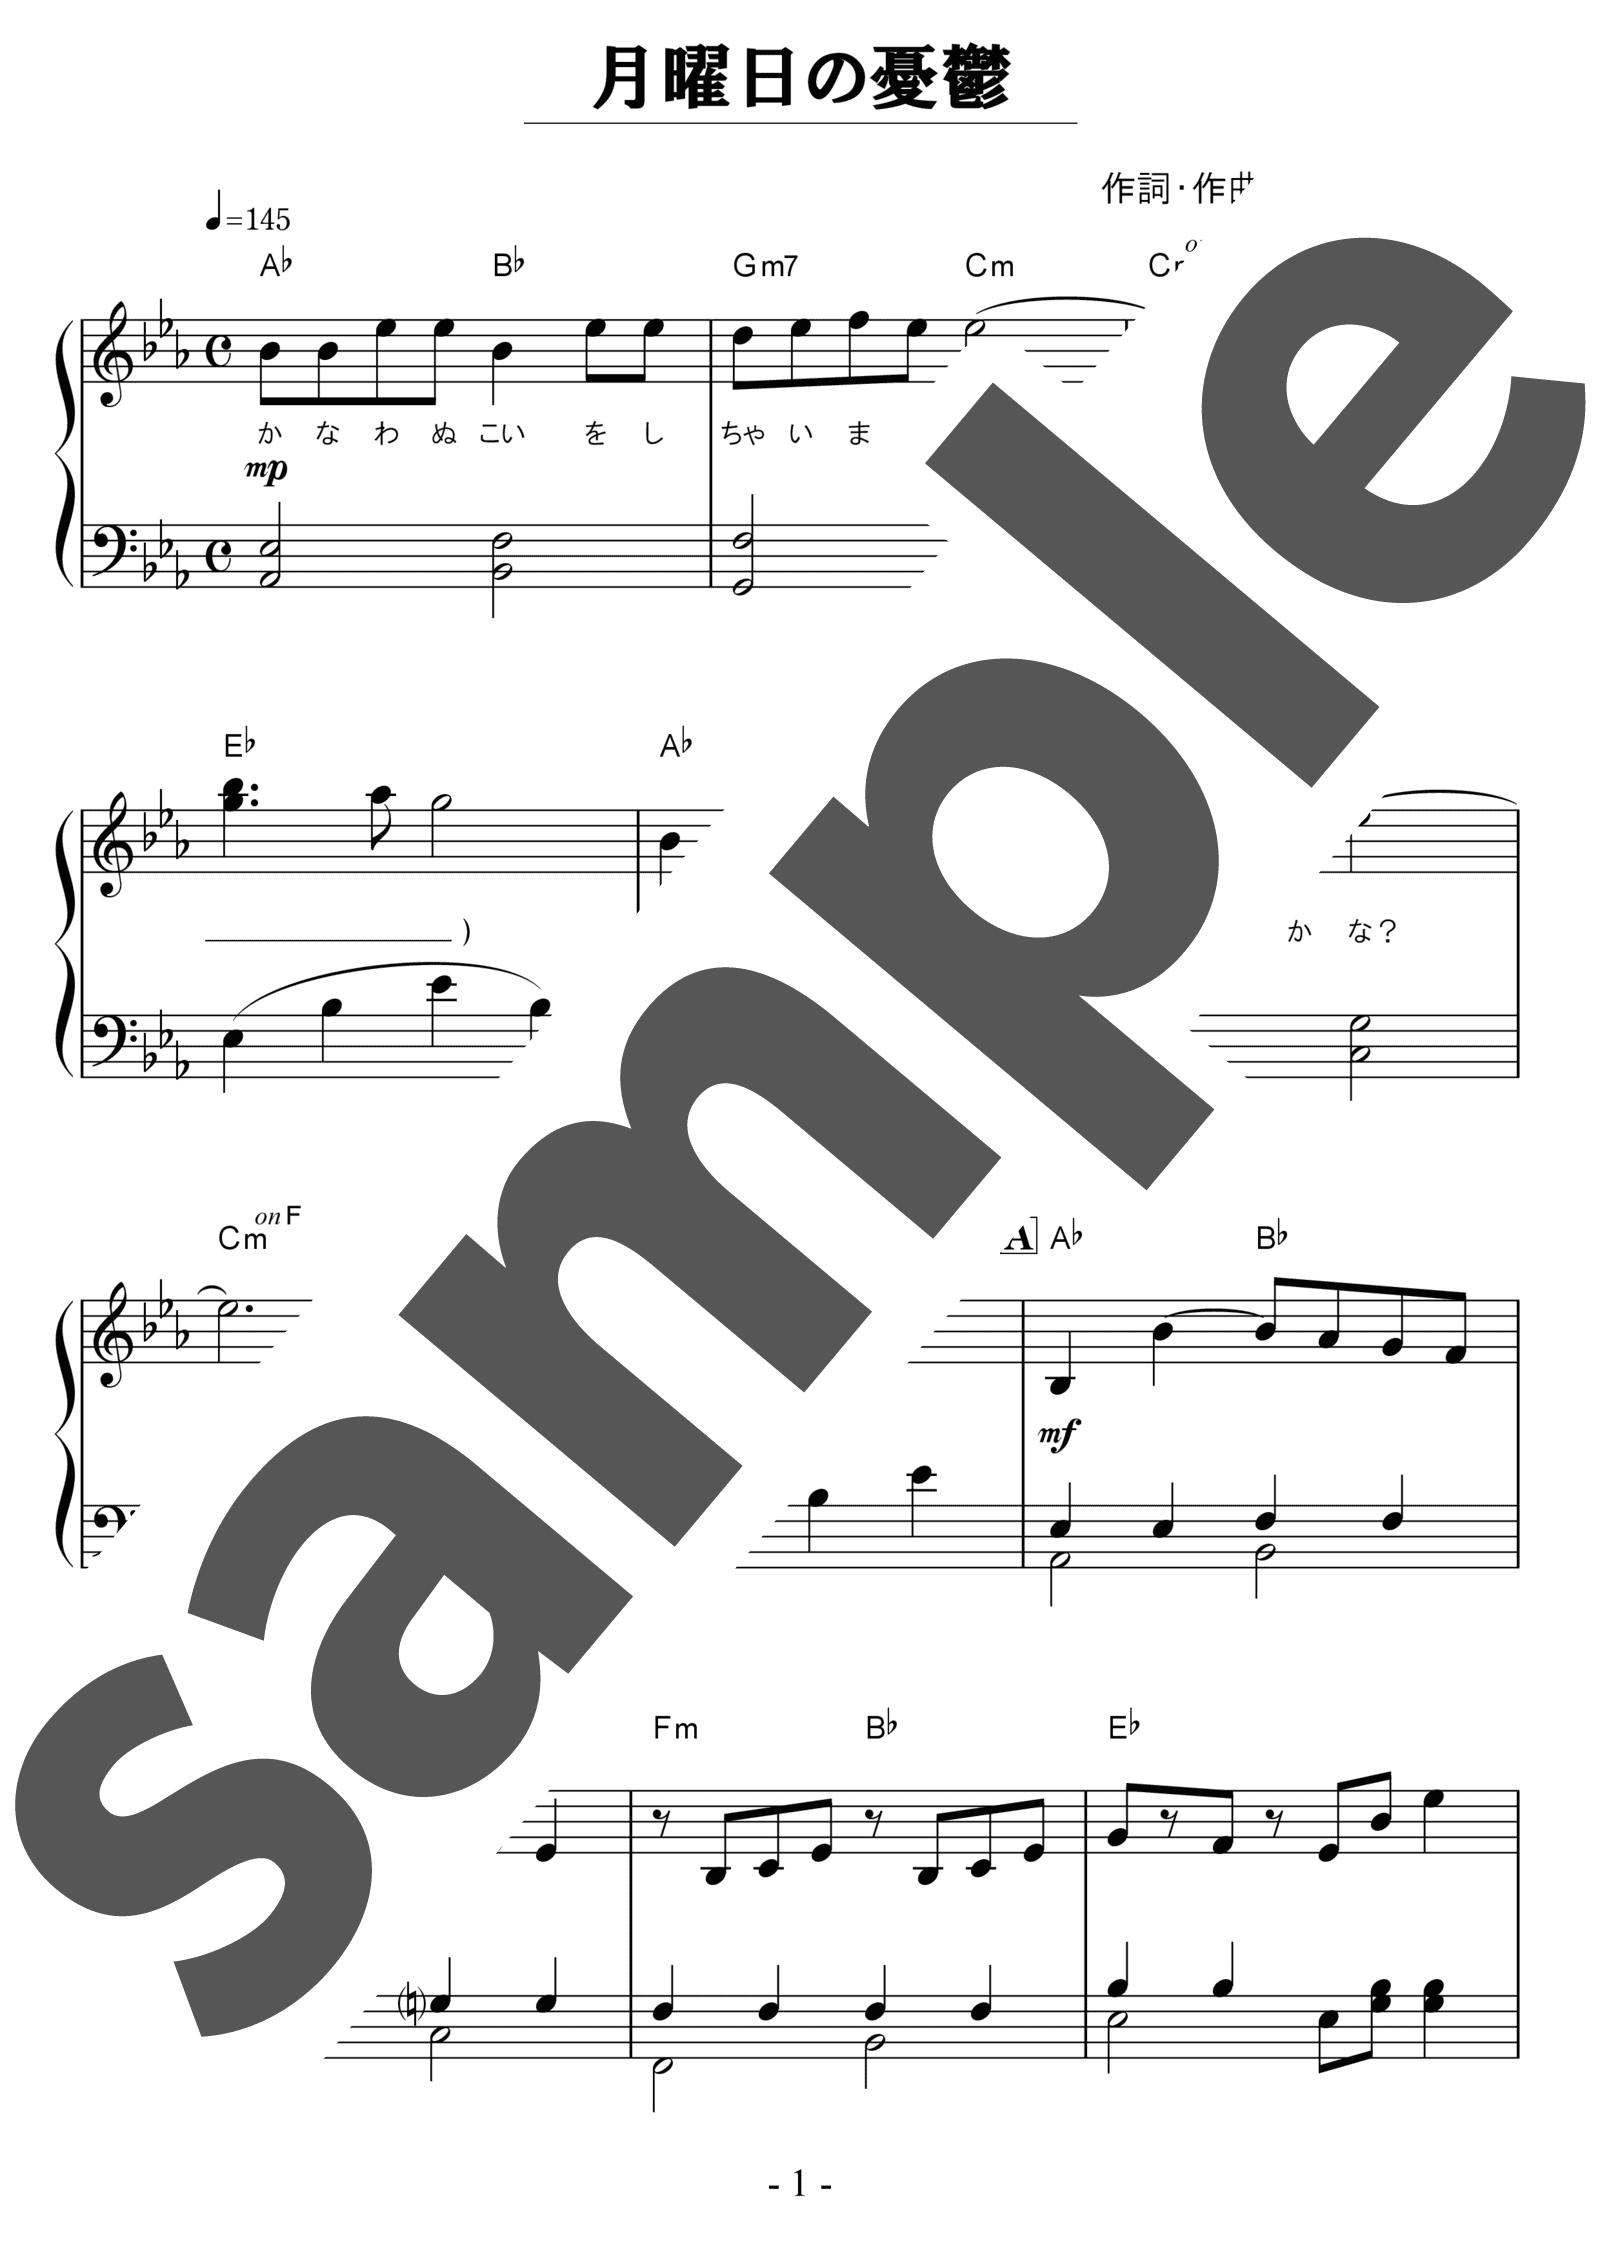 「月曜日の憂鬱」のサンプル楽譜